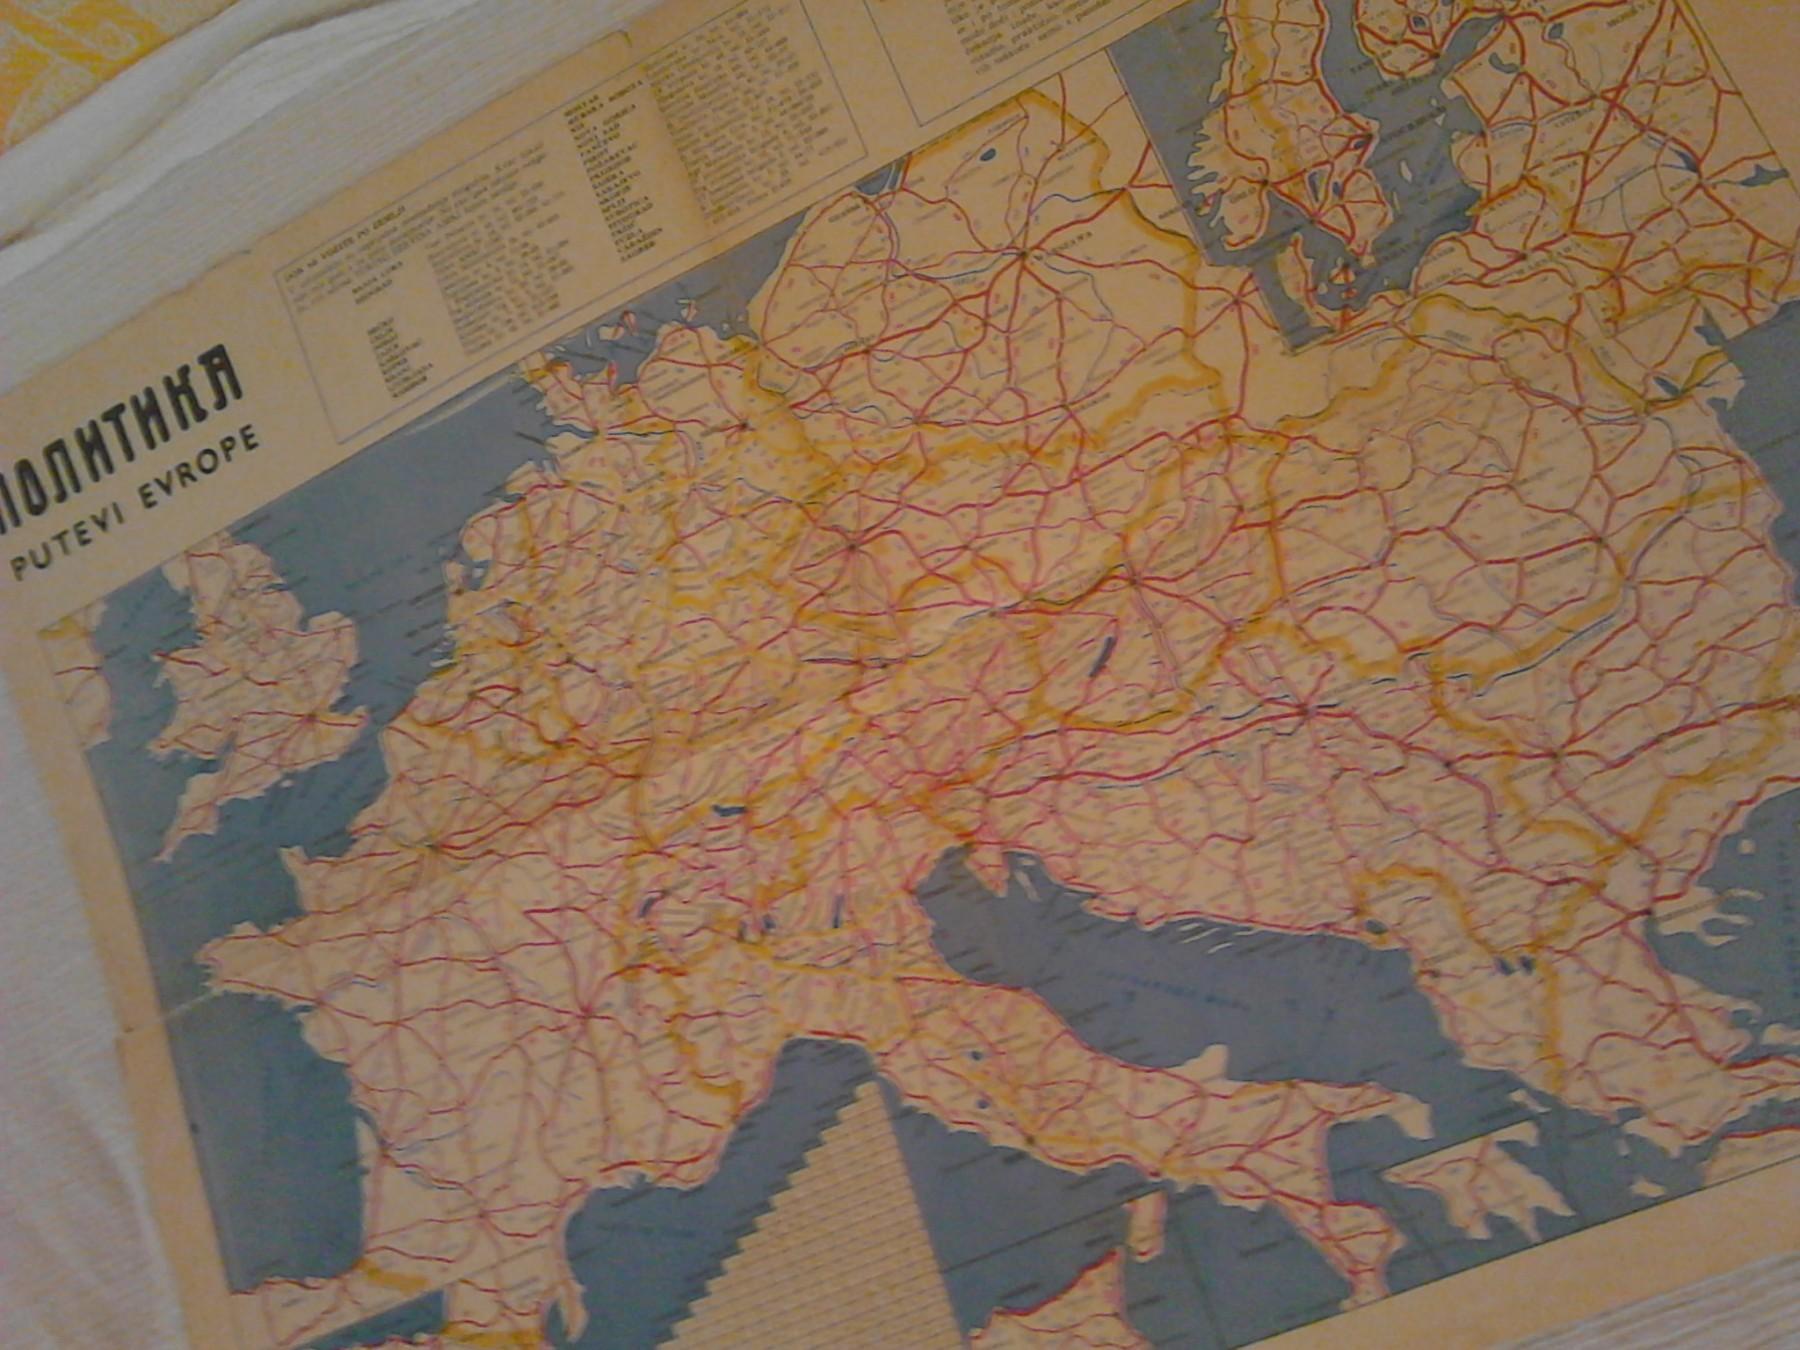 Auto Karta Putevi Evrope Kupindo Com 51430321